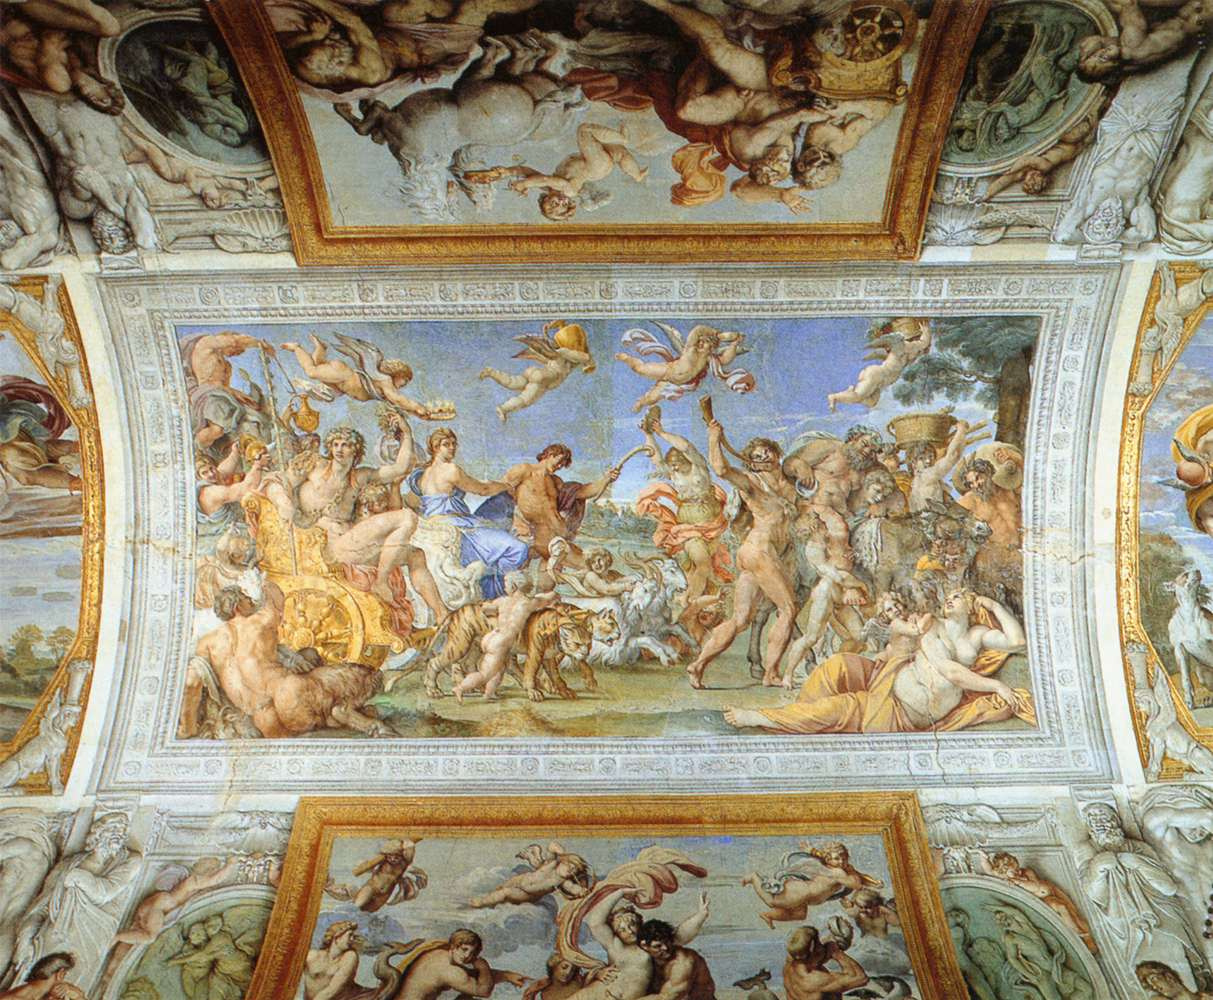 Annibale Carracci. The Triumph of Bacchus and Ariadne